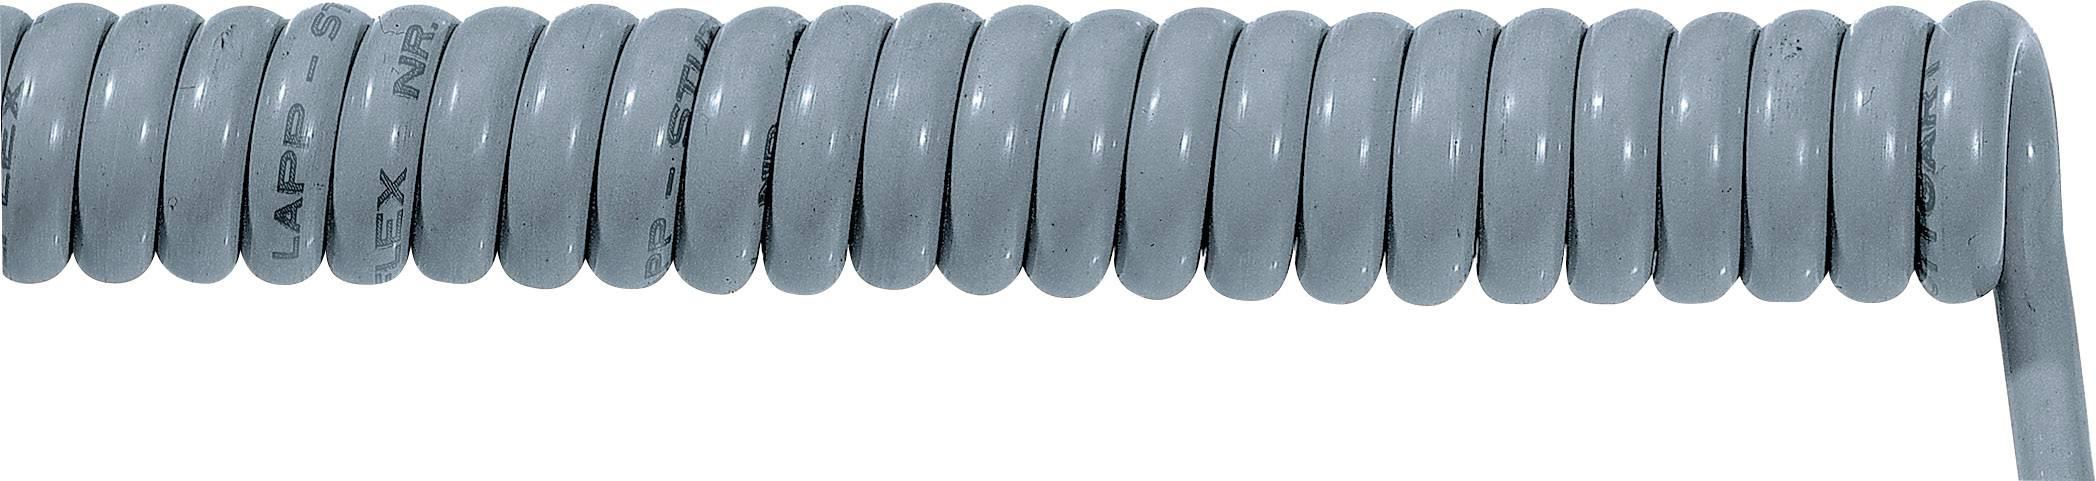 Špirálový kábel 70002635 ÖLFLEX® SPIRAL 400 P 4 x 0.75 mm², 1000 mm / 3000 mm, sivá